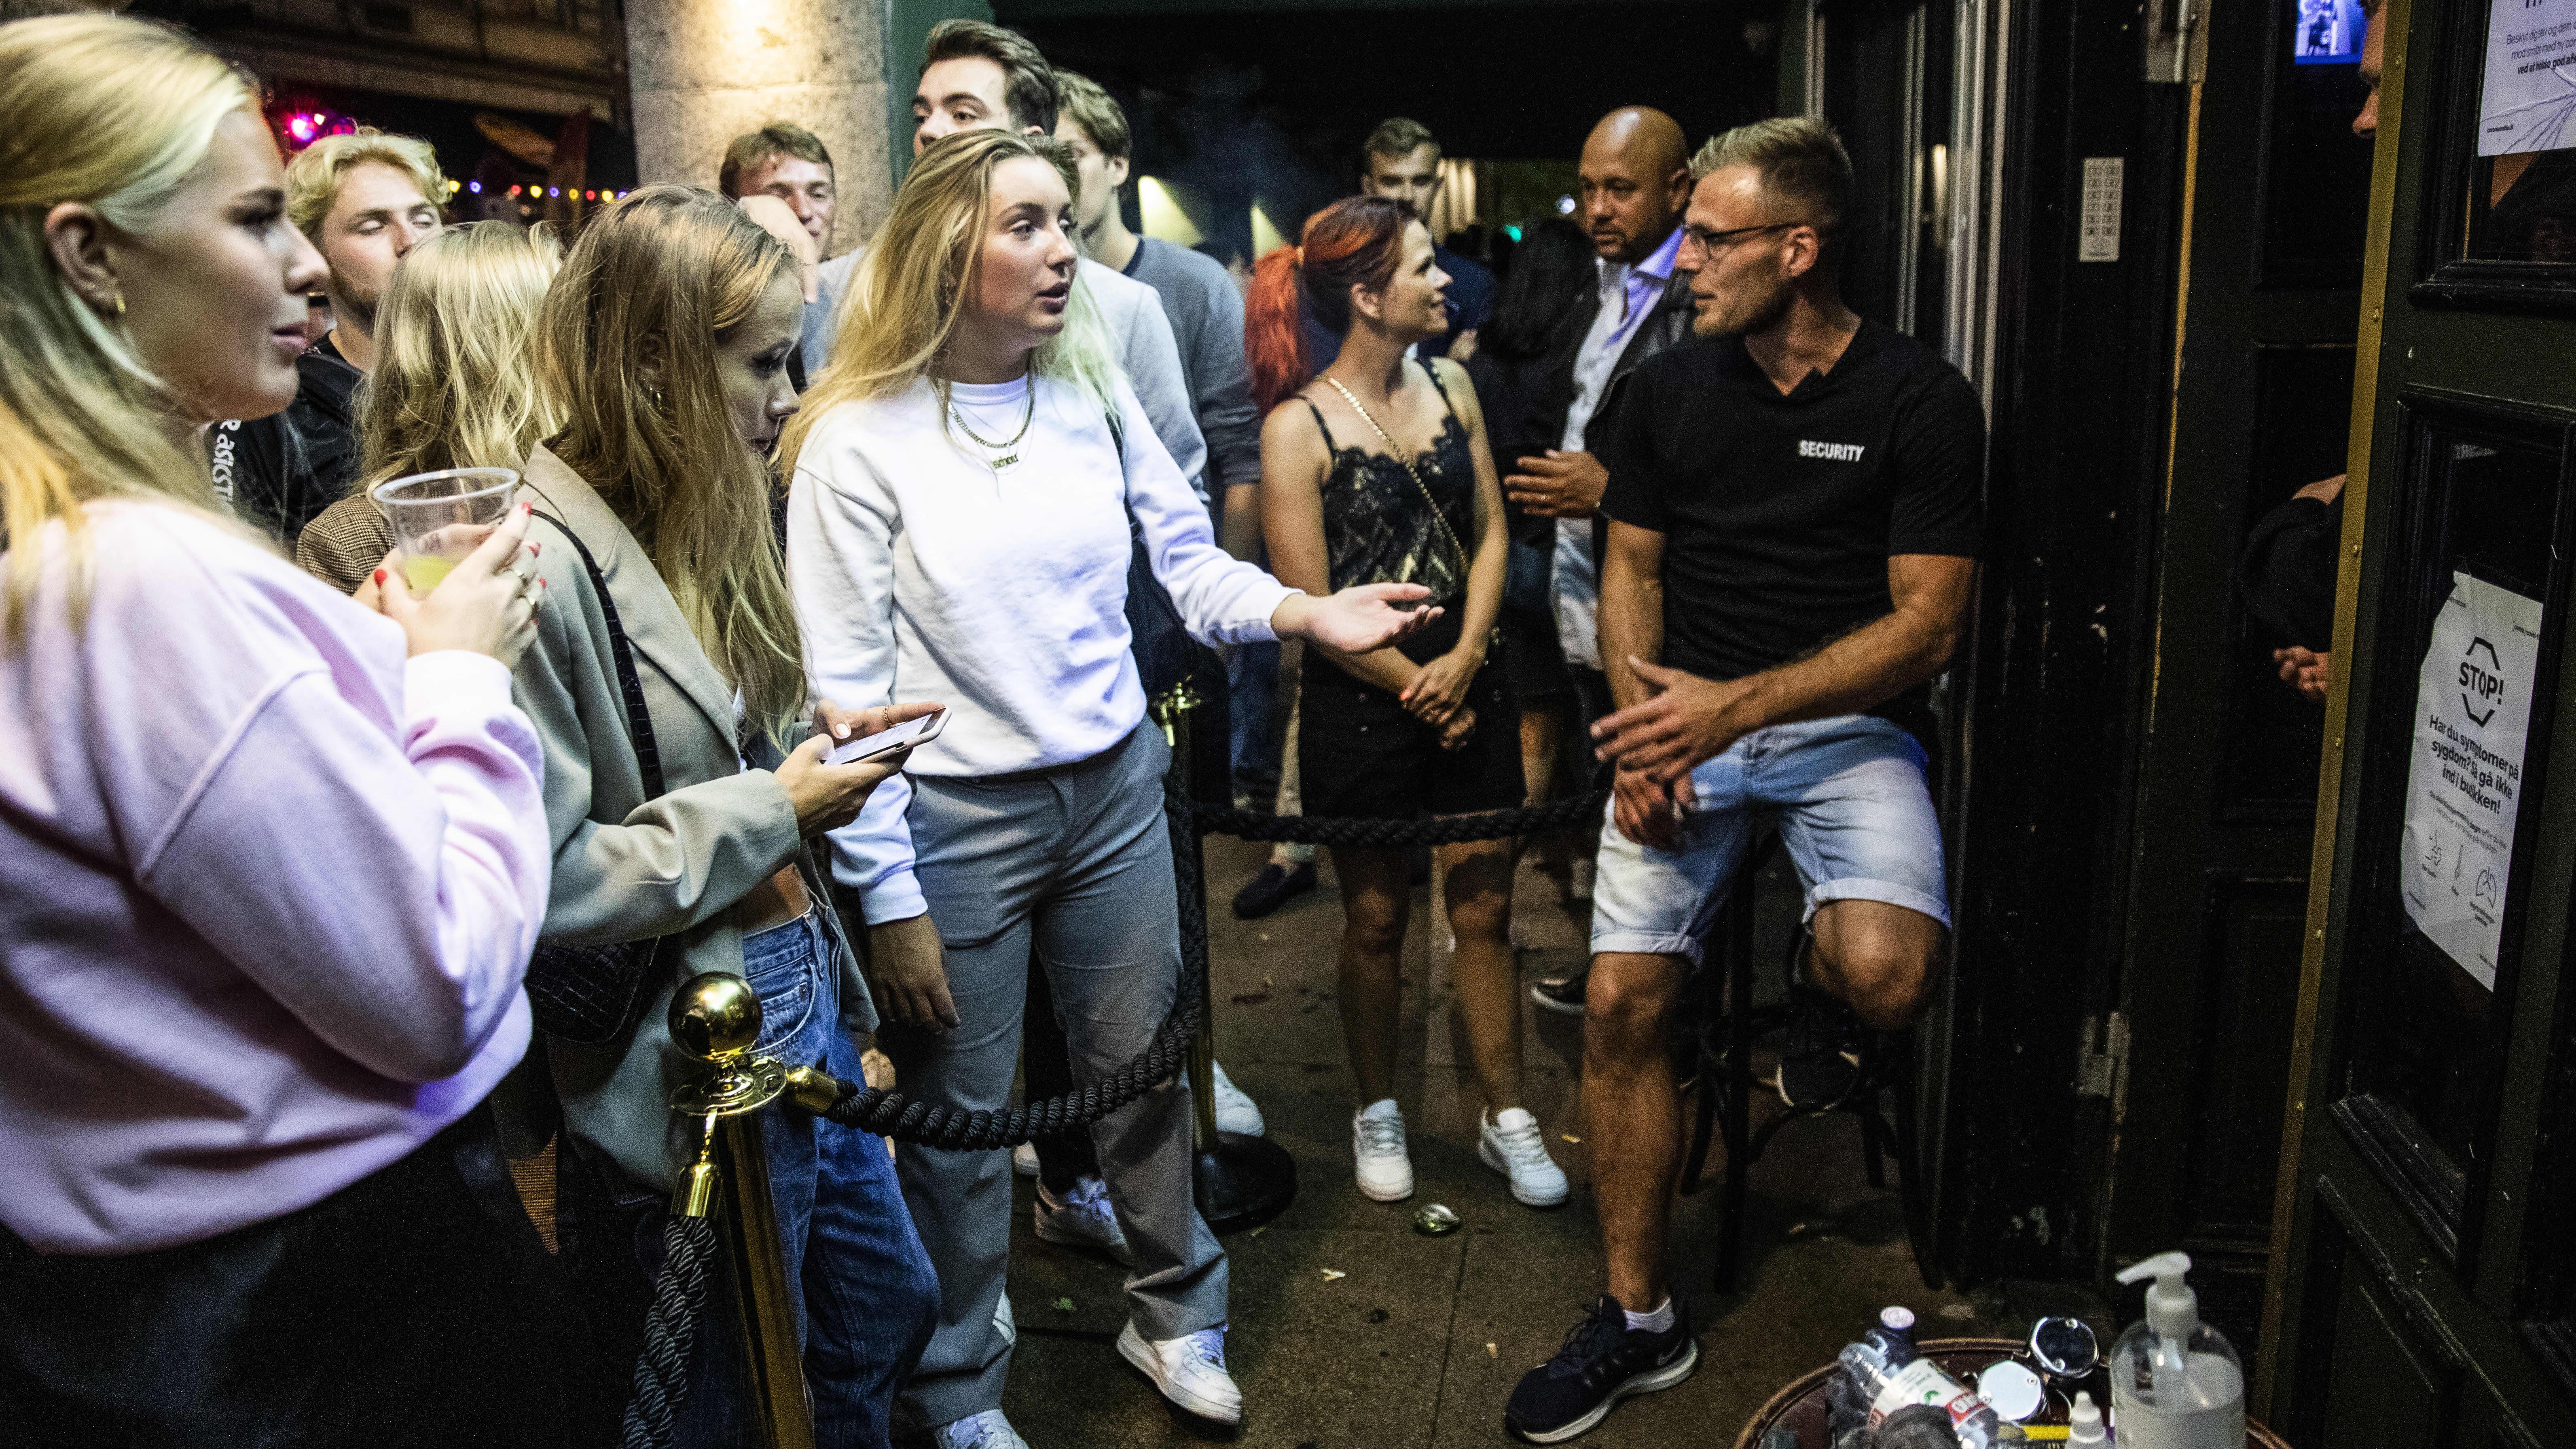 Asiakkaat jonottivat elokuussa Ibiza Beach Bariin ehtiäkseen sisään ennen klo 23:ea, jonka jälkeen sisäänpääsy kiellettiin hallituksen päätöksellä.